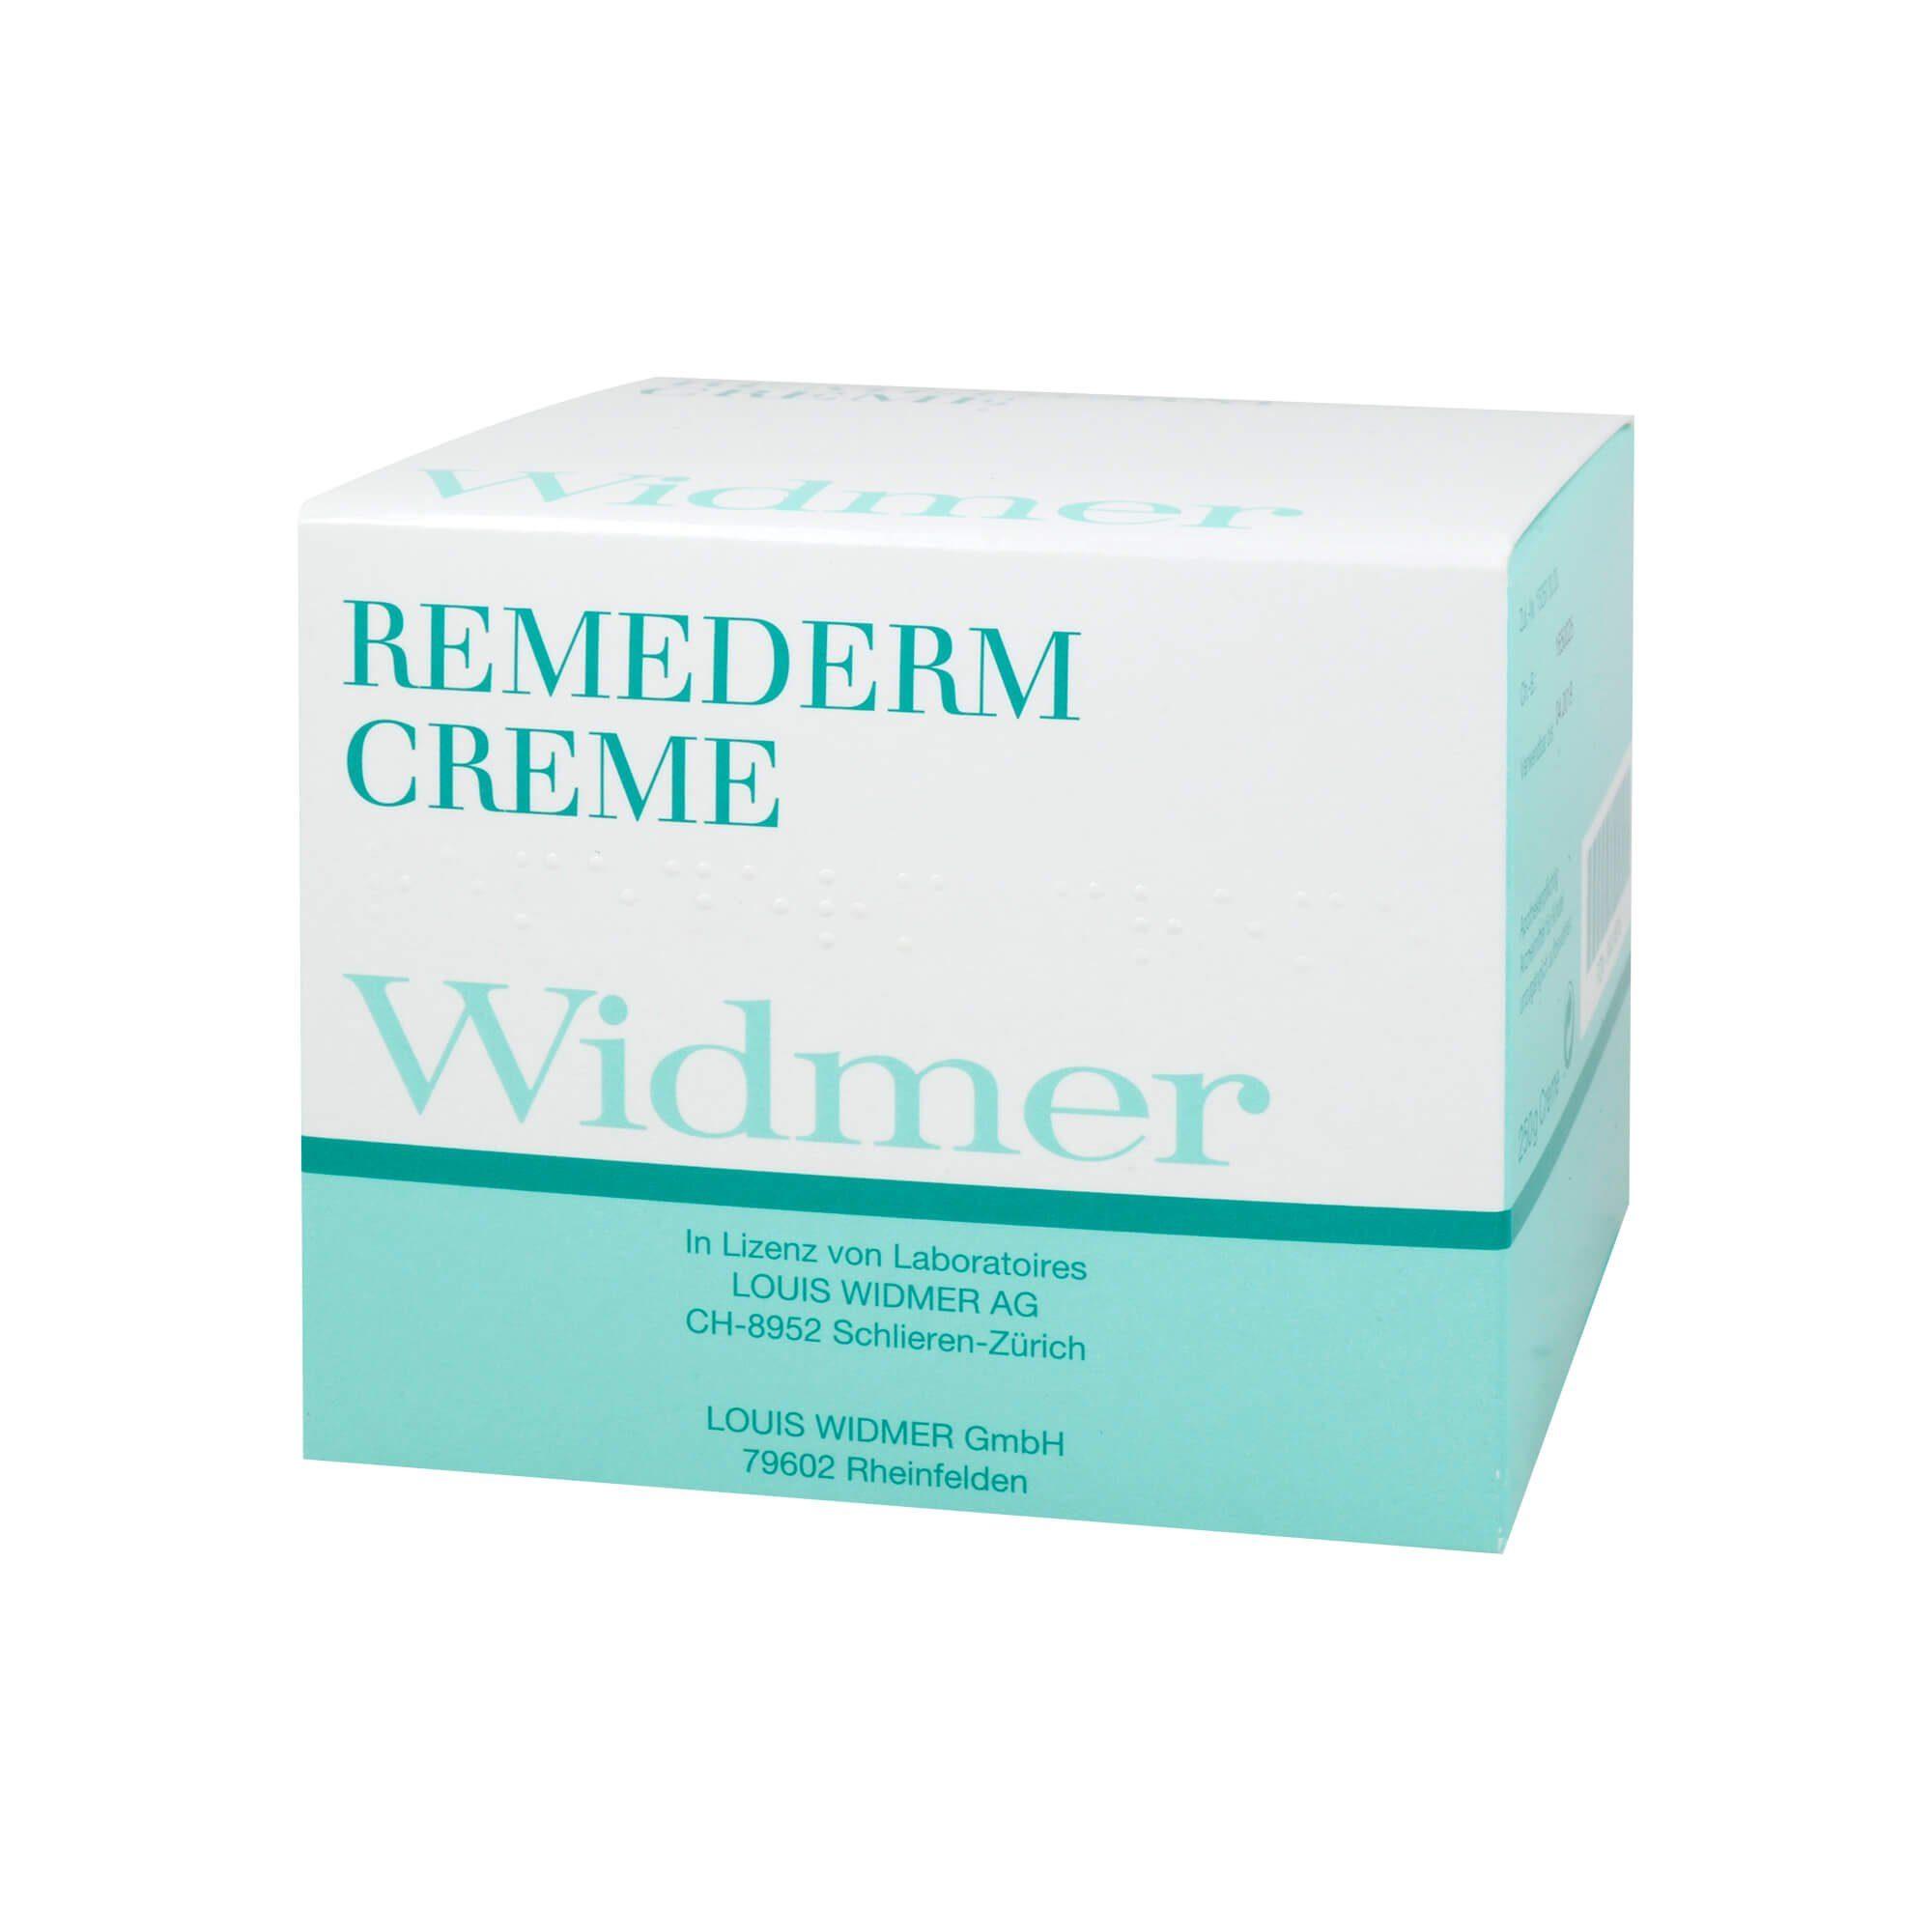 Widmer Remederm Creme unparfümiert, 250 g